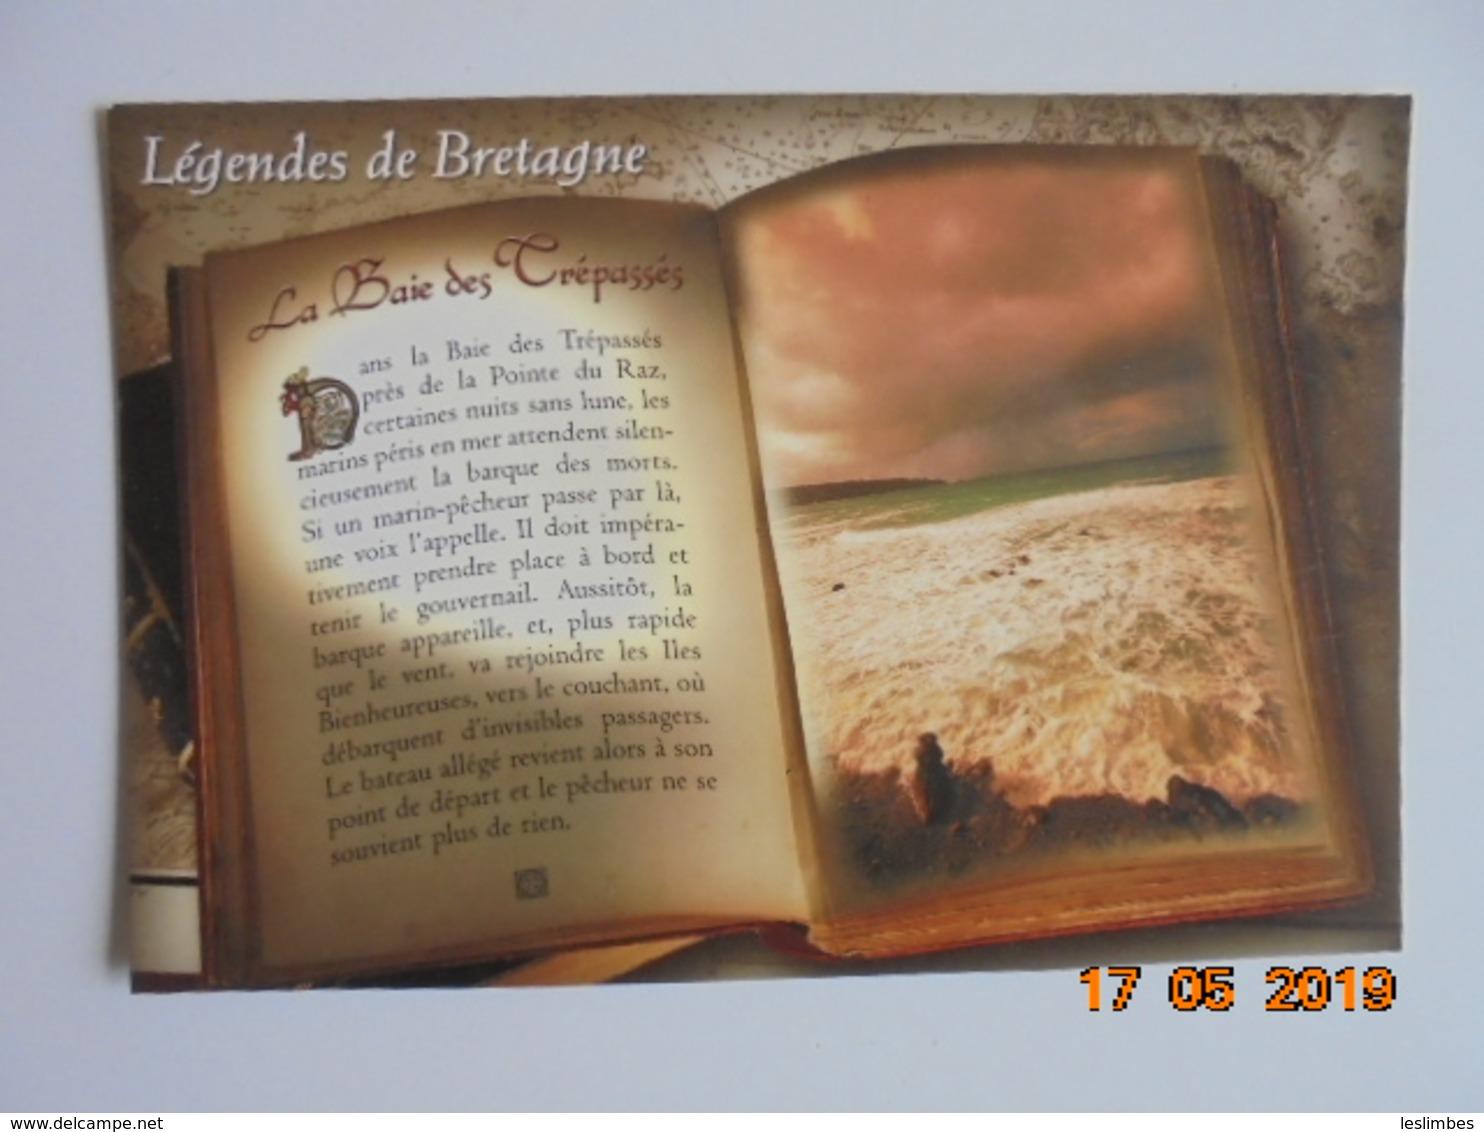 Legendes De Bretagne. Plogoff Cleden Cap Sizun. La Baie Des Trepasses A Proximite De La Pointe Du Raz. JOS - Fairy Tales, Popular Stories & Legends